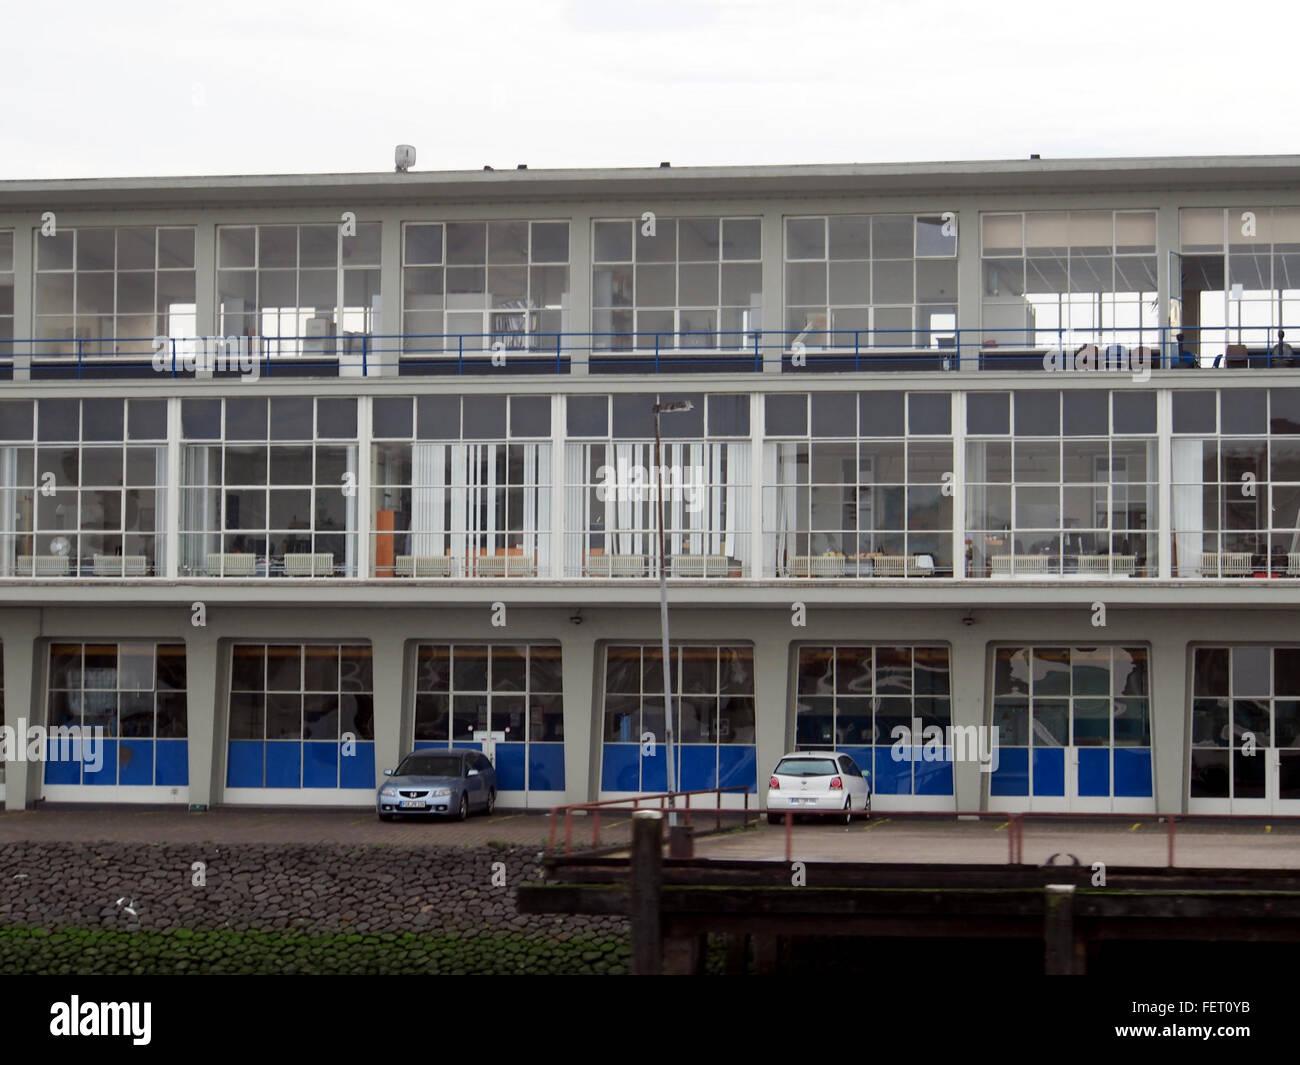 Clondalkin 50s gebouw aan de Maas pic2 - Stock Image